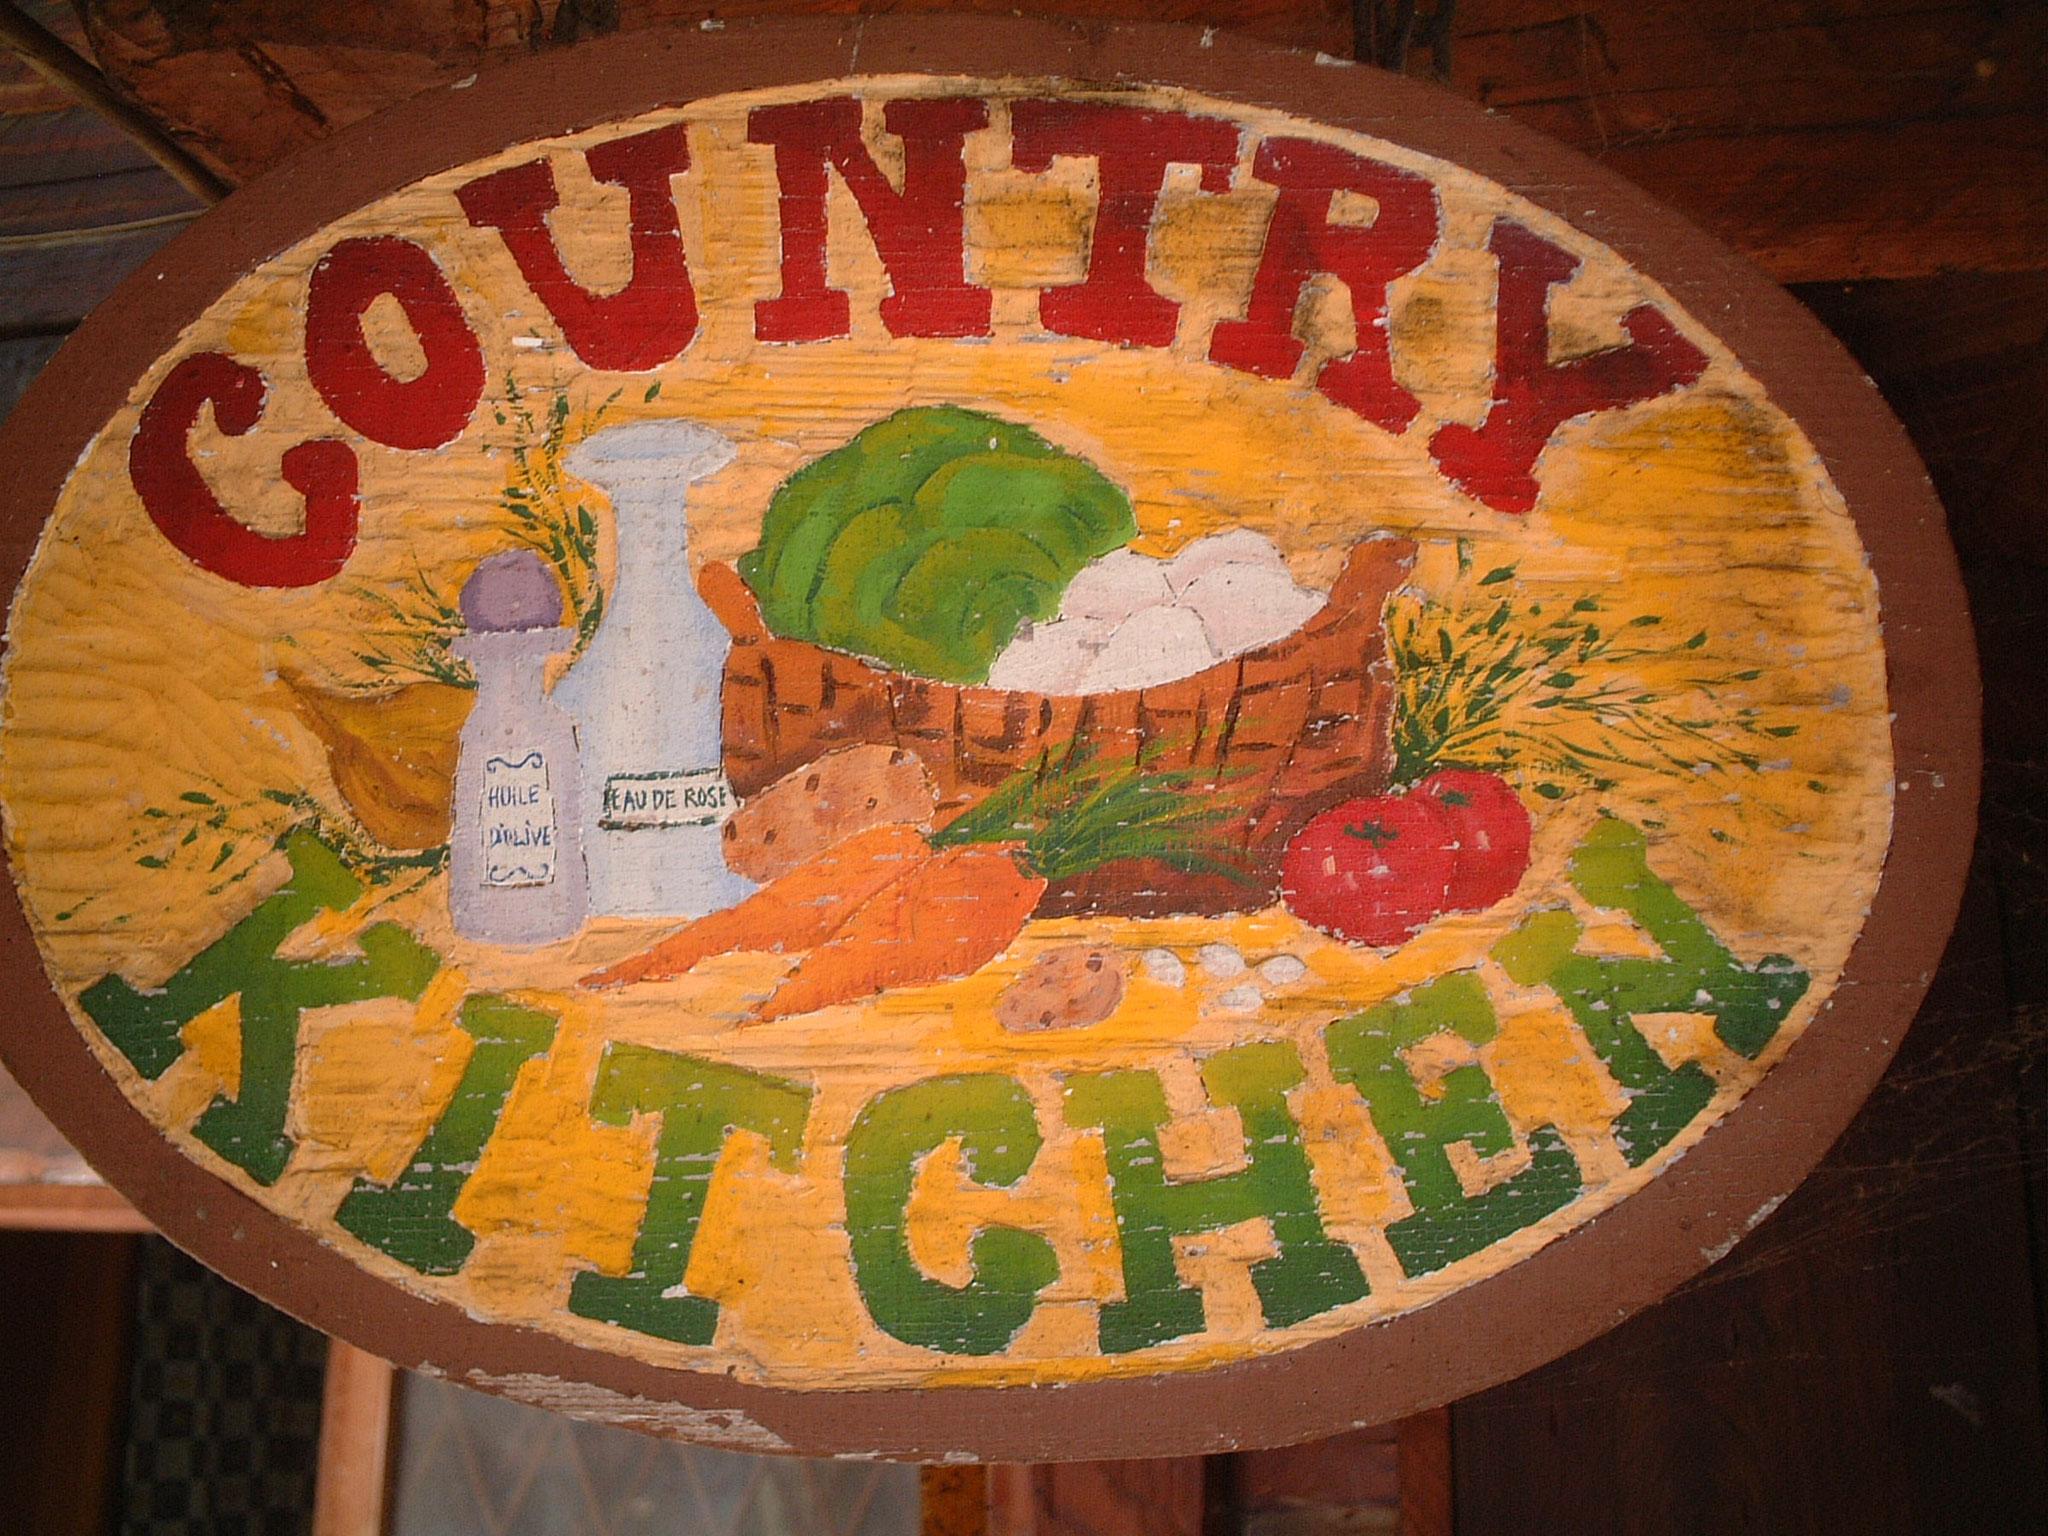 ⑤そんな中、夏のハイシーズンに近くのペンションビレッジのお客様に売っていた焼きとうもろこしが良く売れたのがきっかけで、料理が主な収入源となっていたので、カナディアンファームでは農のある生活を目指しながらもレストランが本業のようになっていったのです。